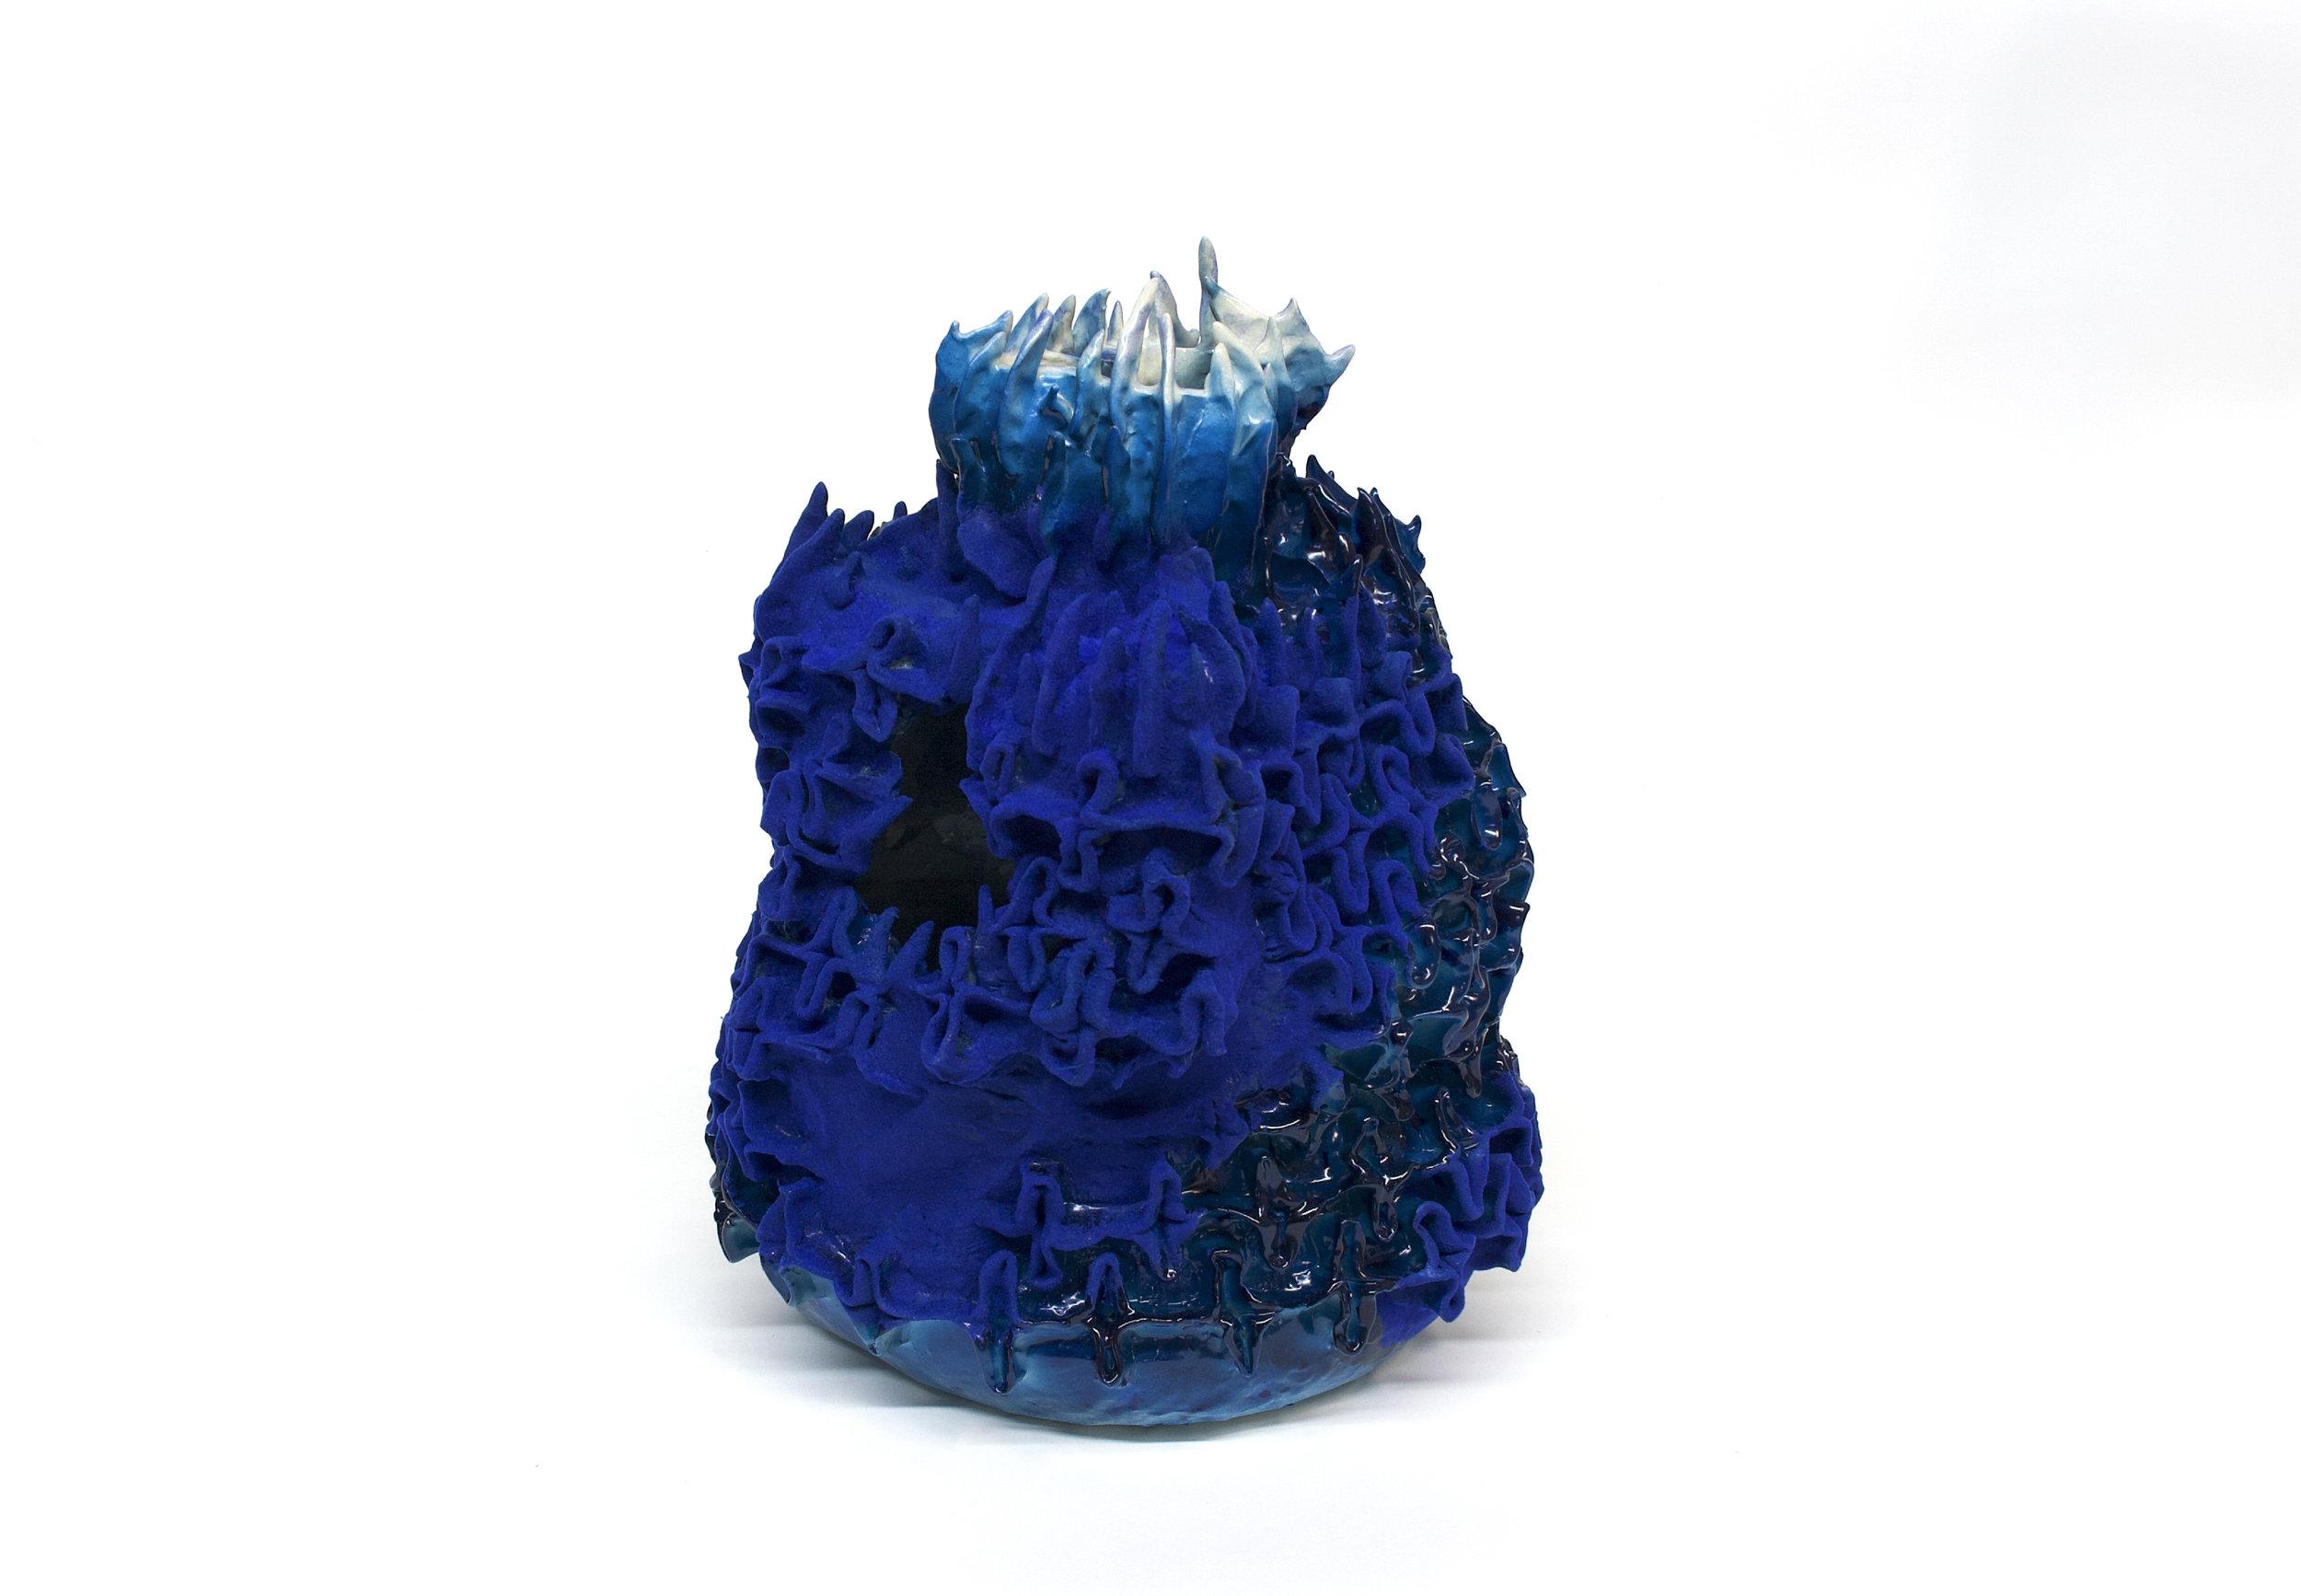 """Philippe Caron Lefebvre,  Le malin,  2019, céramique, glaçure, peinture et flocage, 43 x 31 x 31 cm (17"""" x 12"""" x 12"""")"""